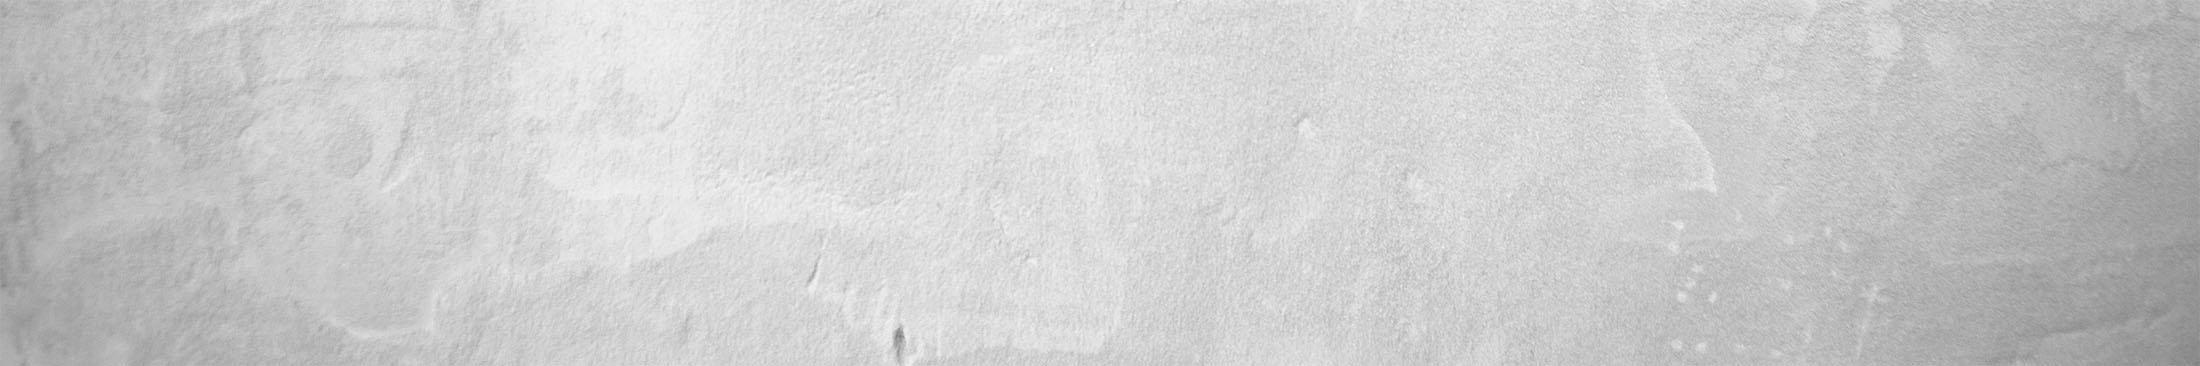 greer-mobile-alabama-background